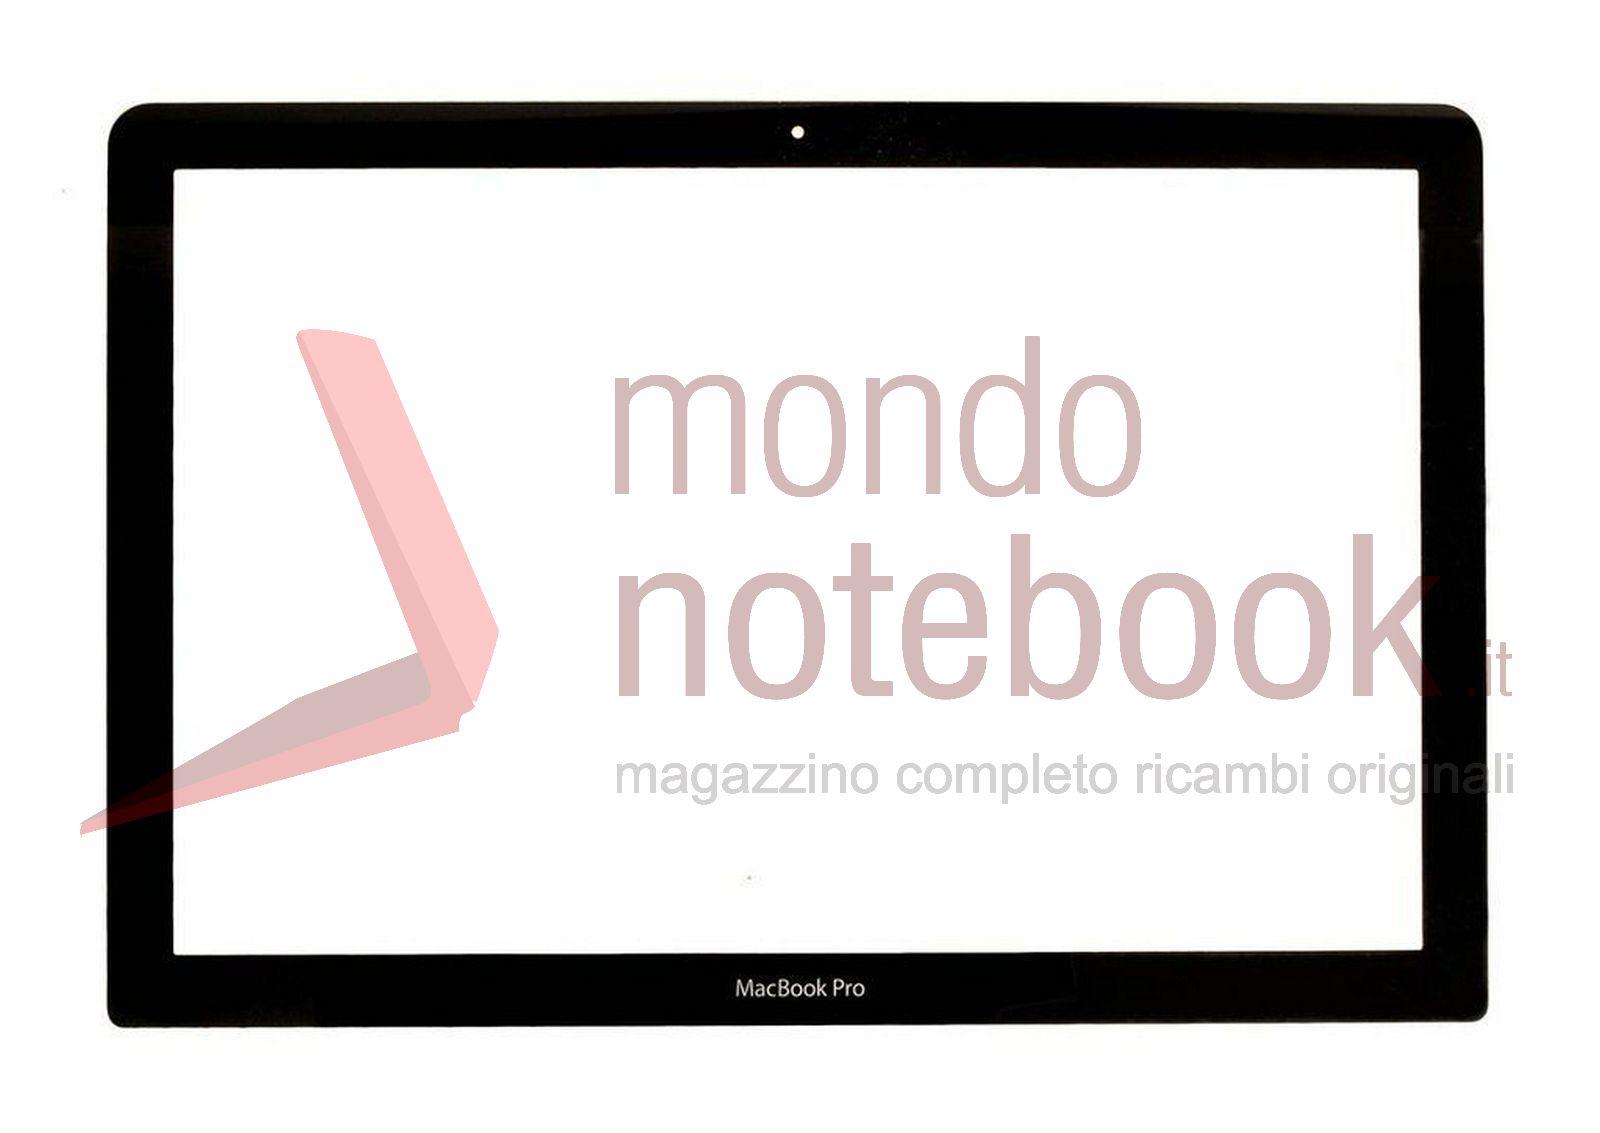 https://www.mondonotebook.it/3206/vetro-glass-screen-apple-macbook-pro-a1278-screen-13.jpg